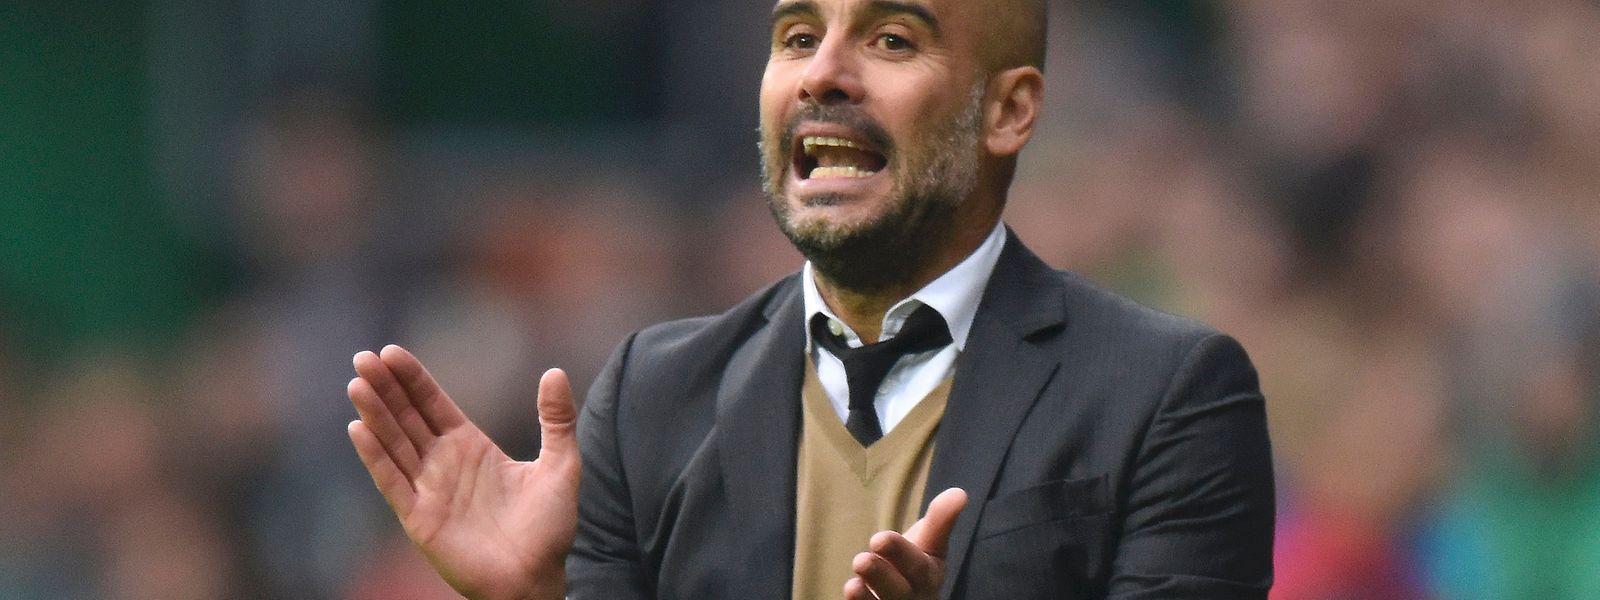 Pep Guardiola kennt die spanische Liga sehr gut. Das könnte ein Vorteil sein, wenn die Bayern auf Atletico treffen.